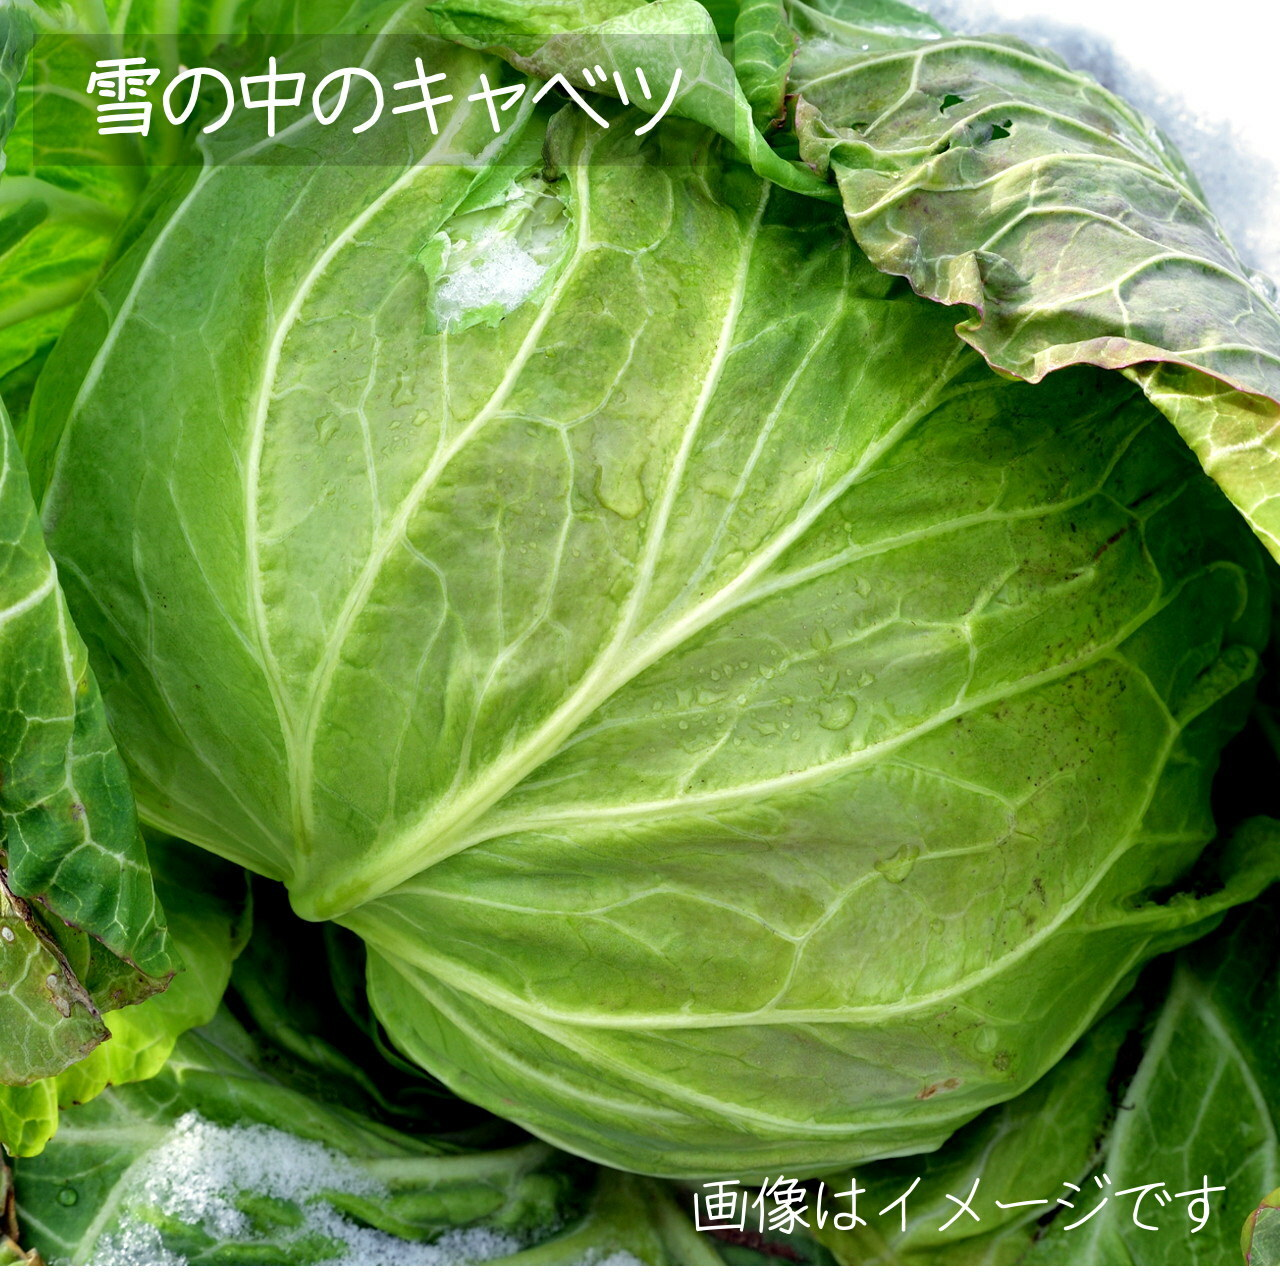 11月の朝採り直売野菜 : キャベツ 1個 新鮮な秋野菜 11月2日発送予定